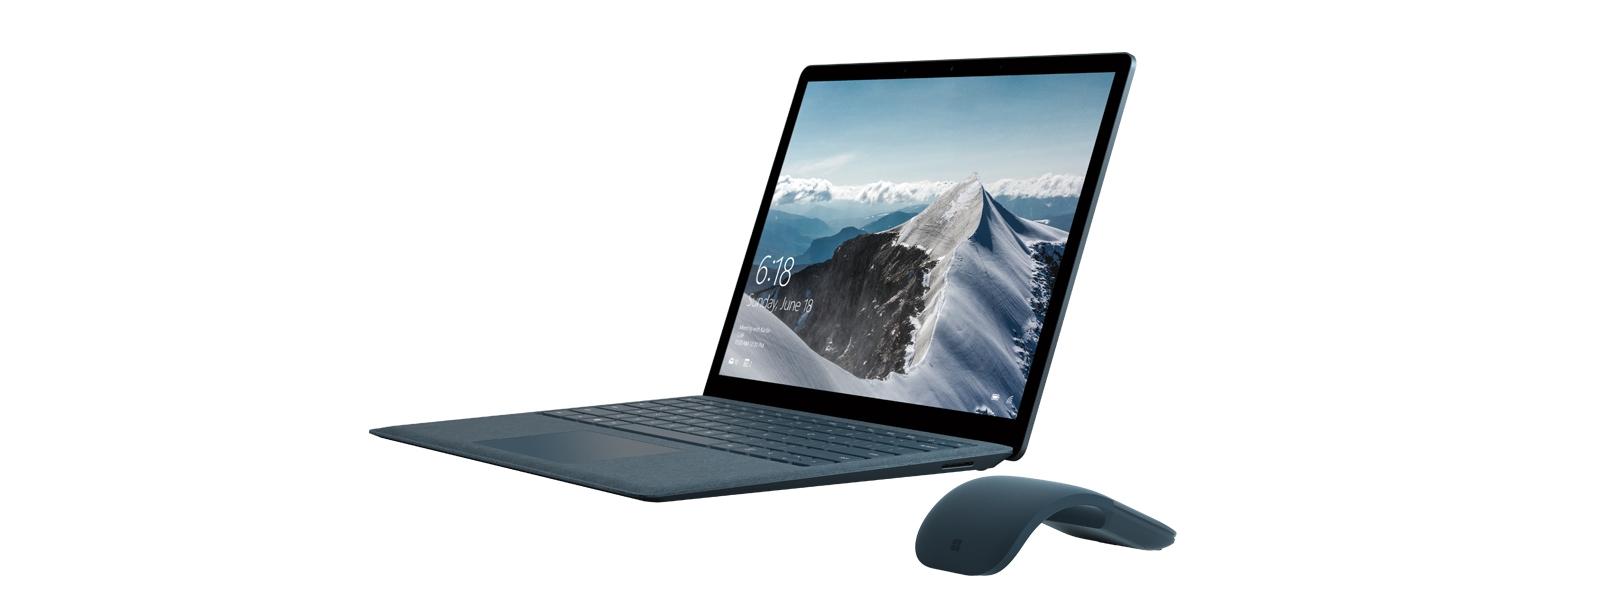 屏幕显示雪山背景的斜着摆放的灰钴蓝 Surface Laptop,旁边是灰钴蓝 Arc Touch 鼠标。